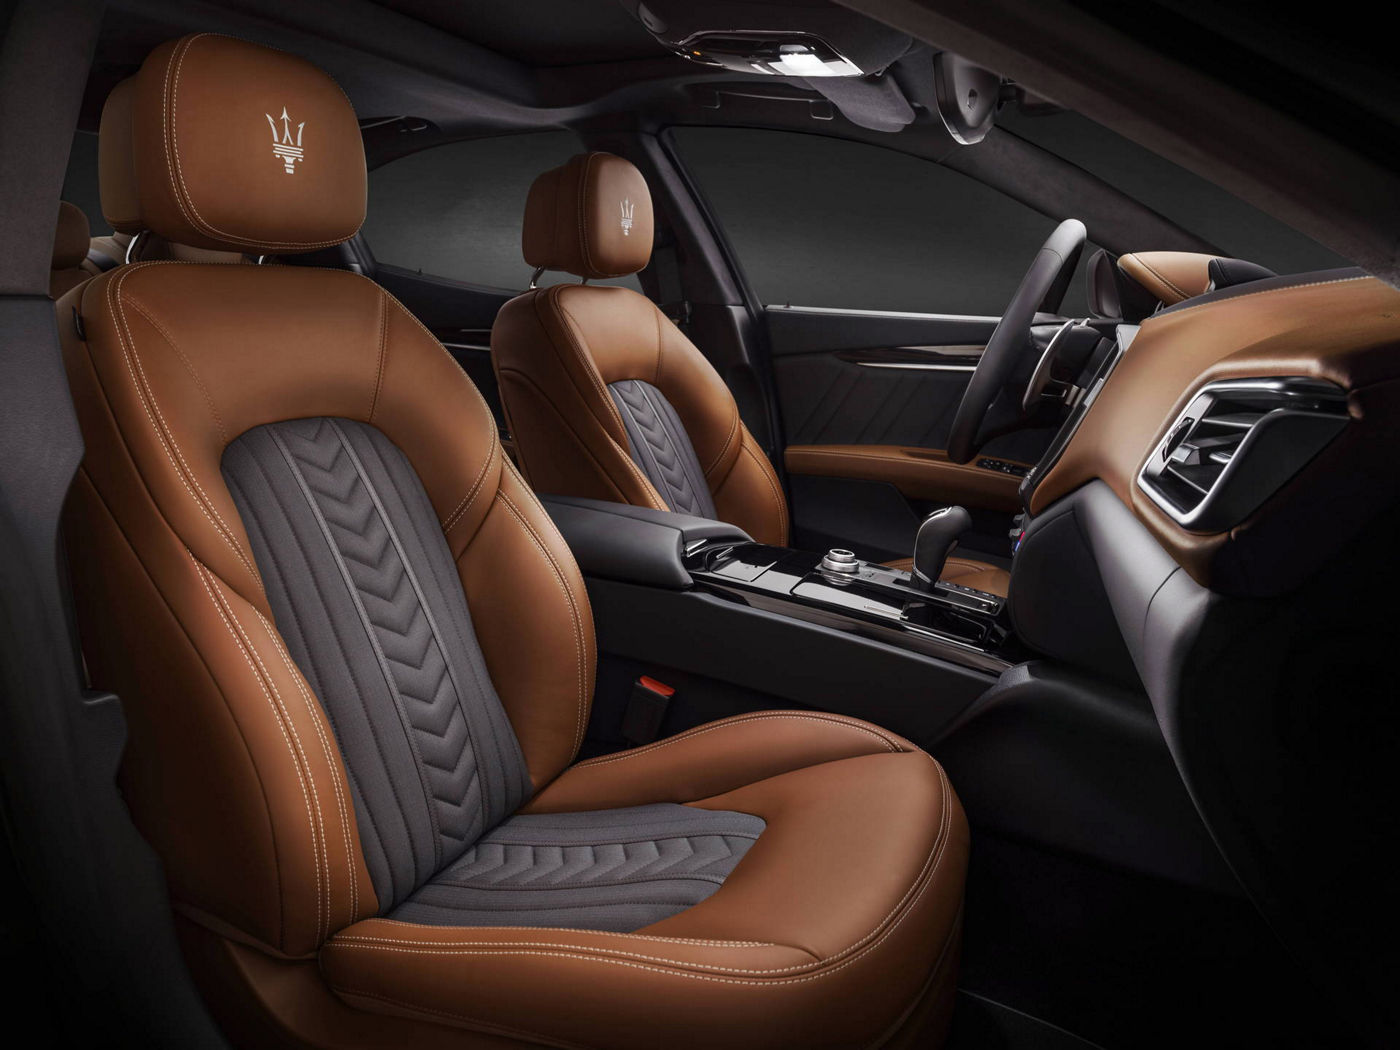 Black and brown seats design by Ermenegildo Zegna - Maserati Ghibli GranLusso